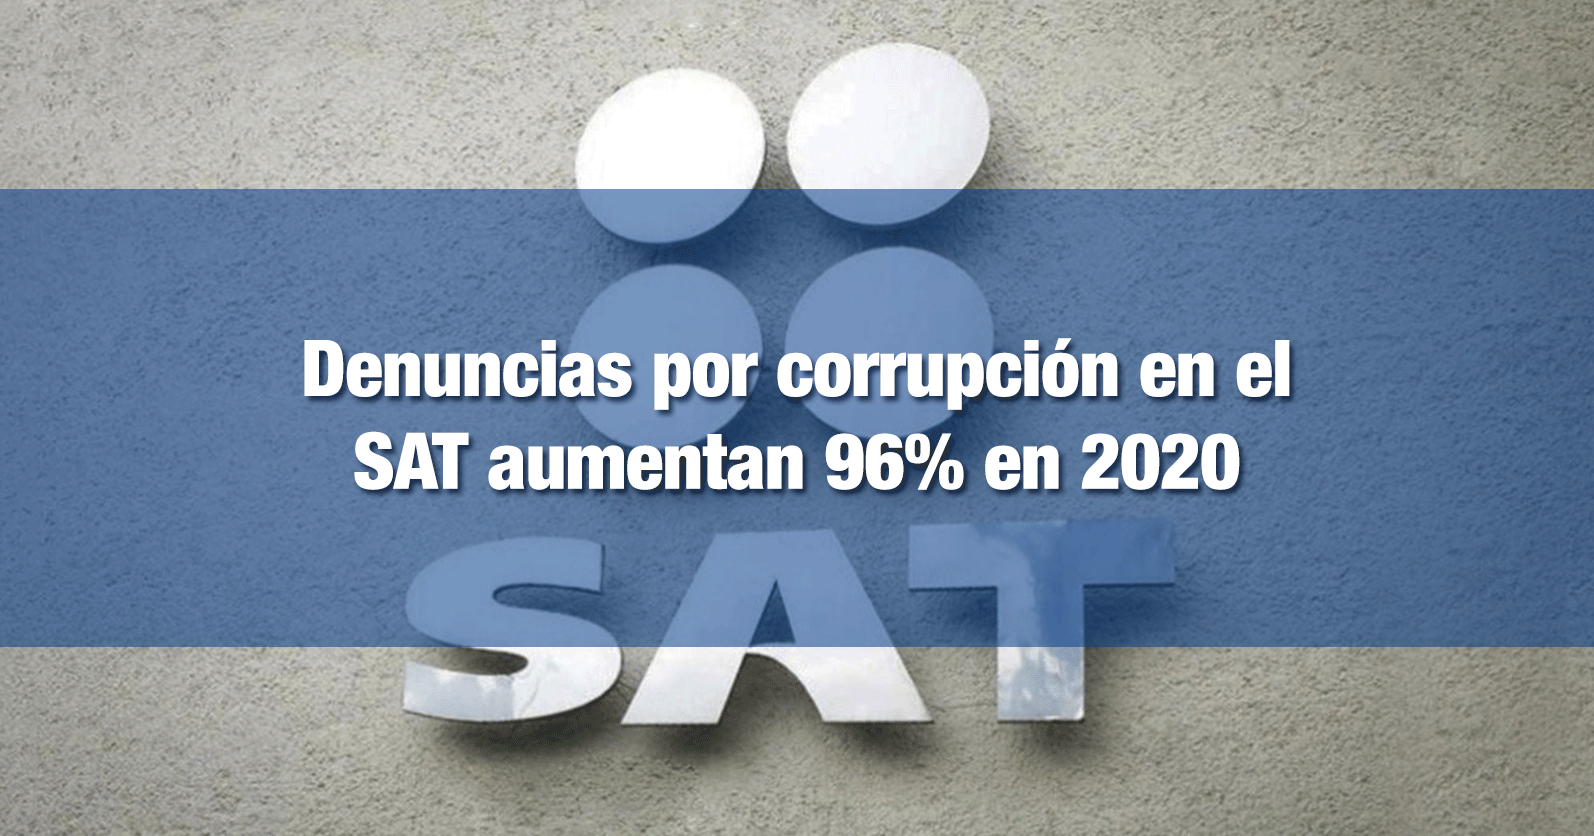 Denuncias por corrupción en el SAT aumentan 96% en 2020